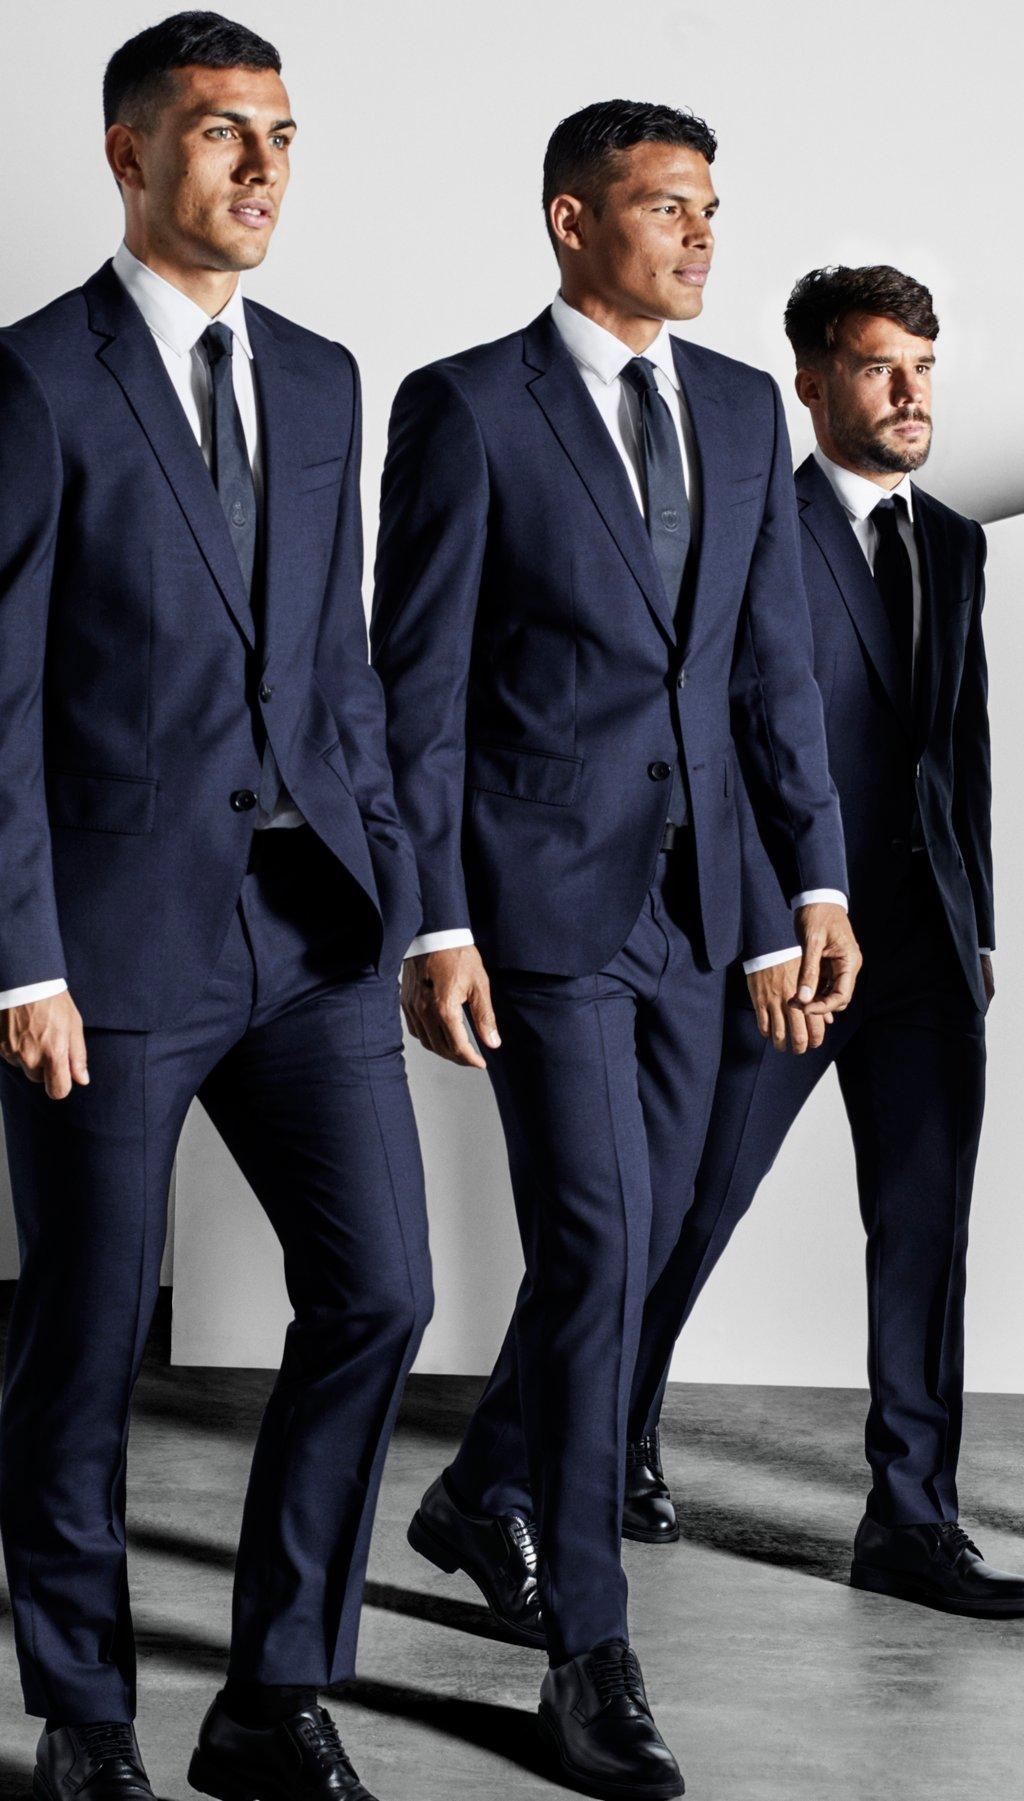 Paris Saint Germain F C Players Dressed In Boss Suits More